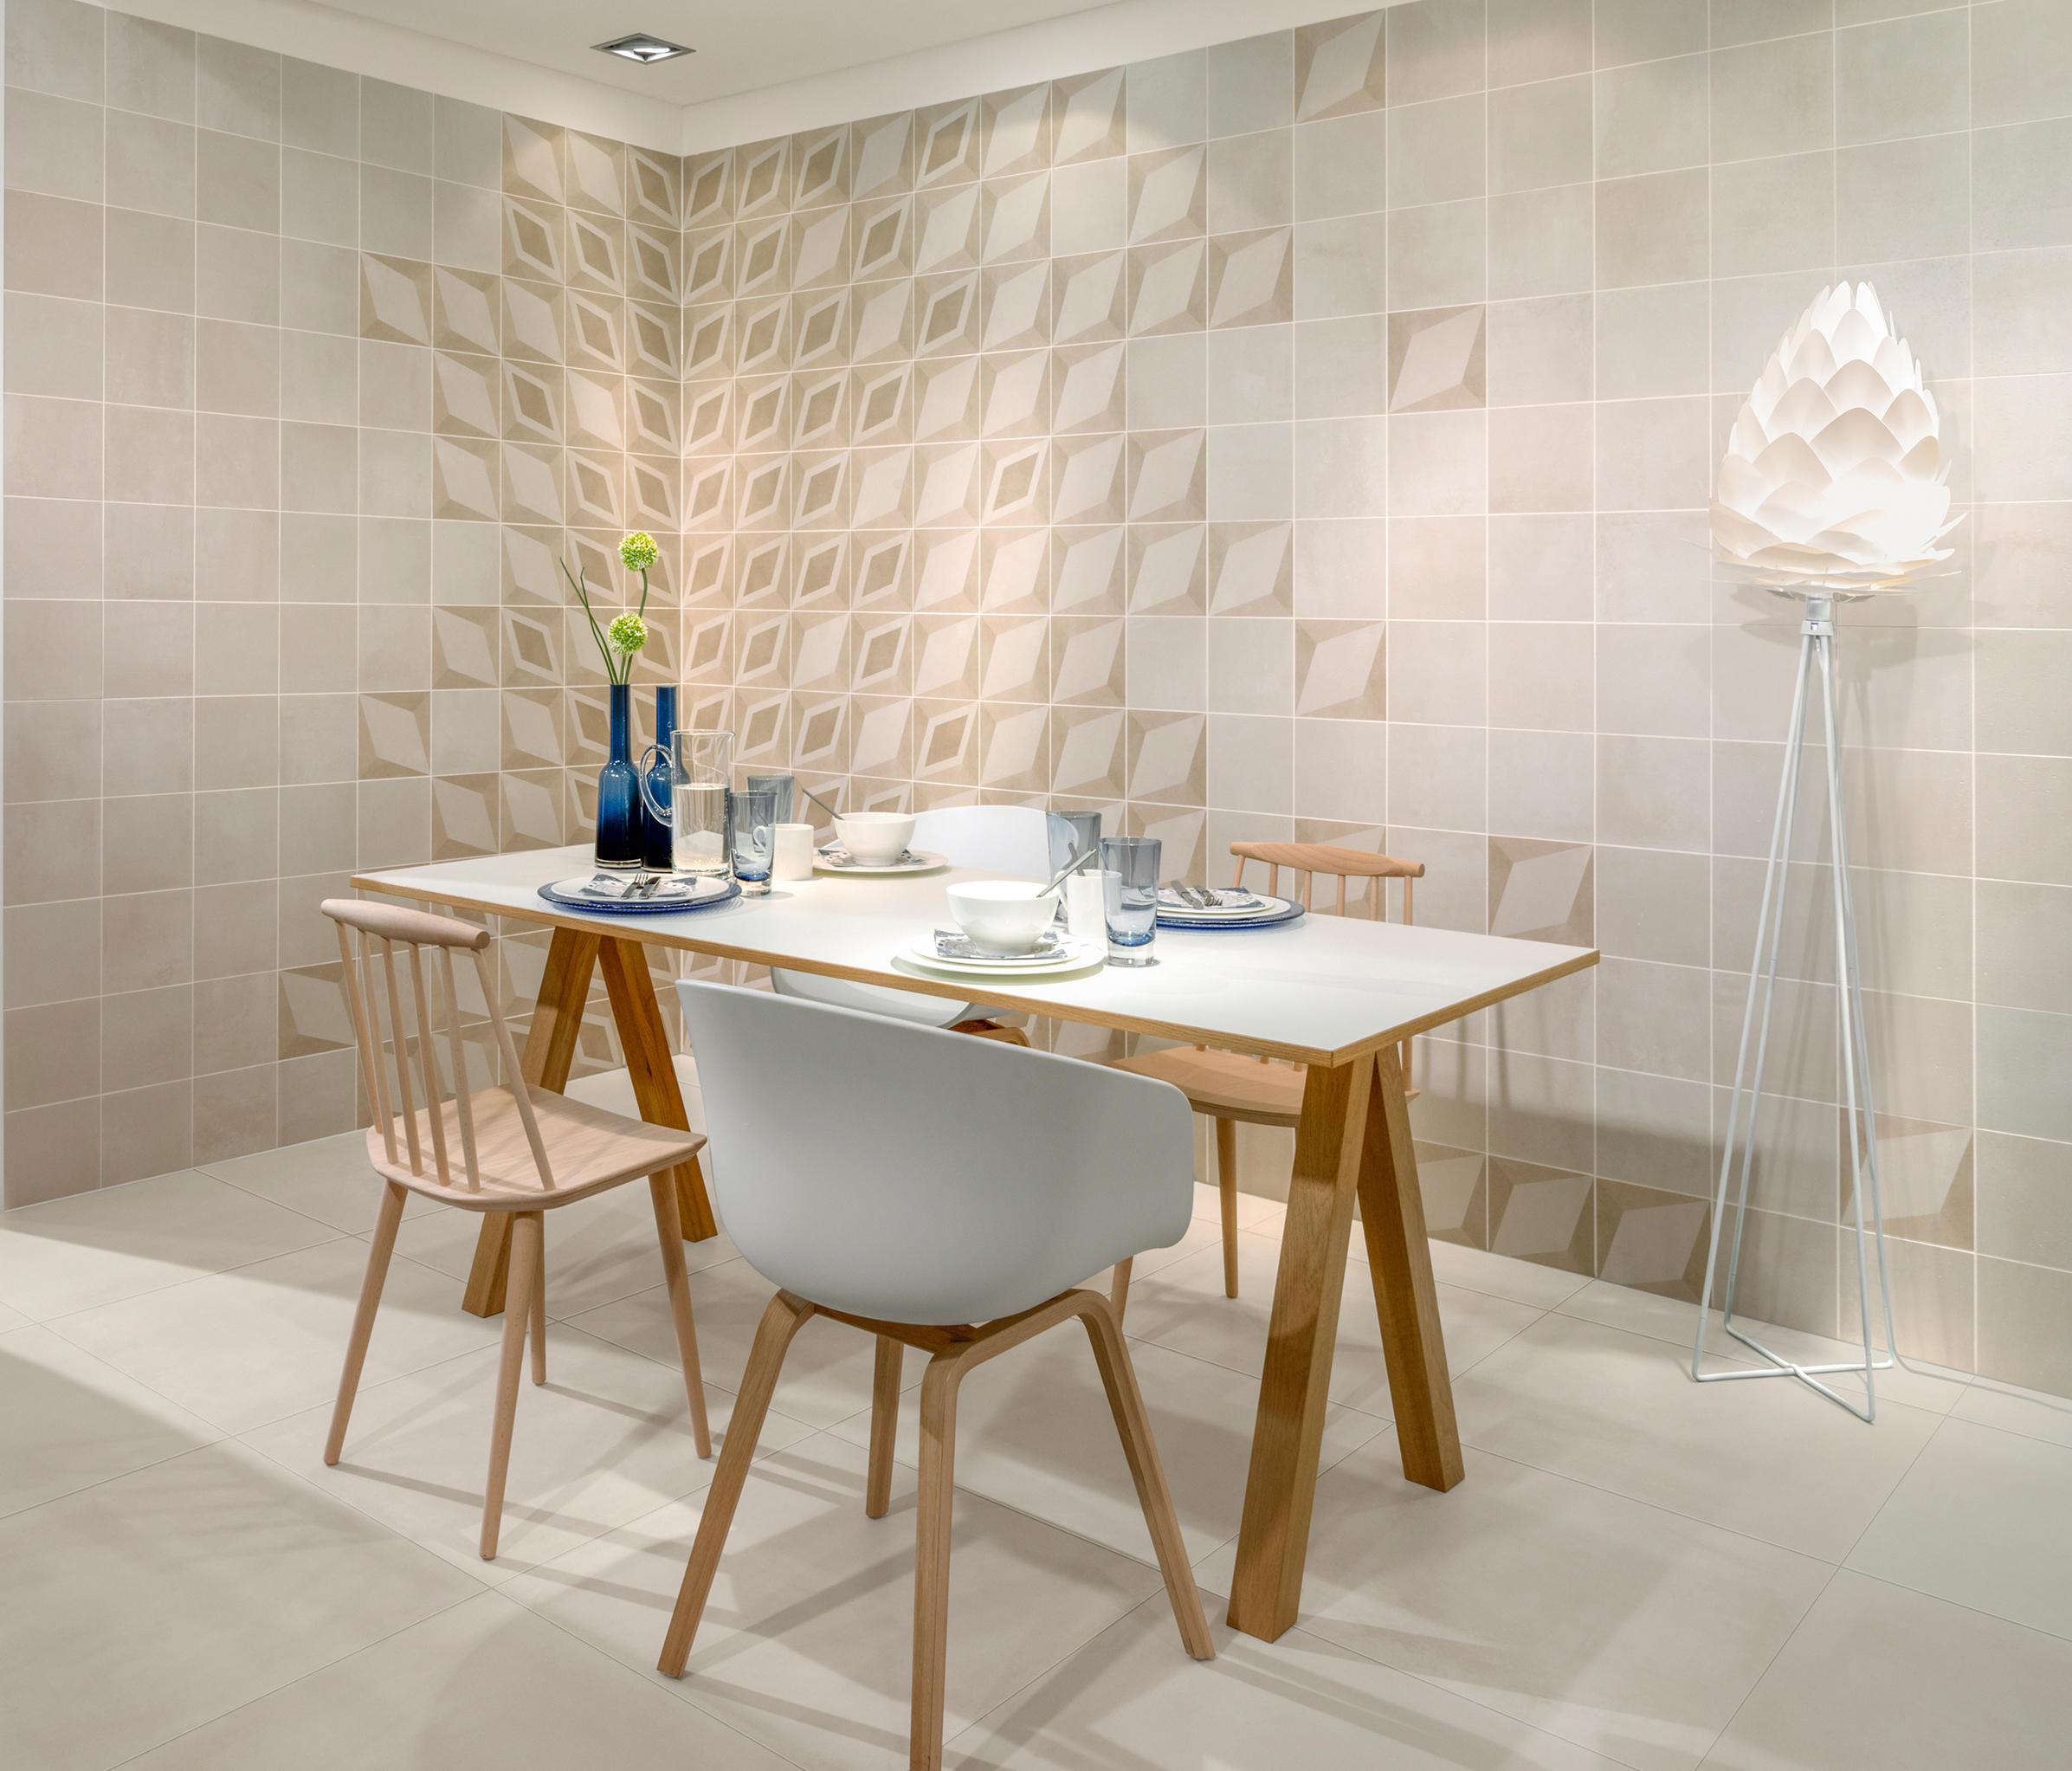 century unlimited cf10 au enfliesen von villeroy boch fliesen architonic. Black Bedroom Furniture Sets. Home Design Ideas